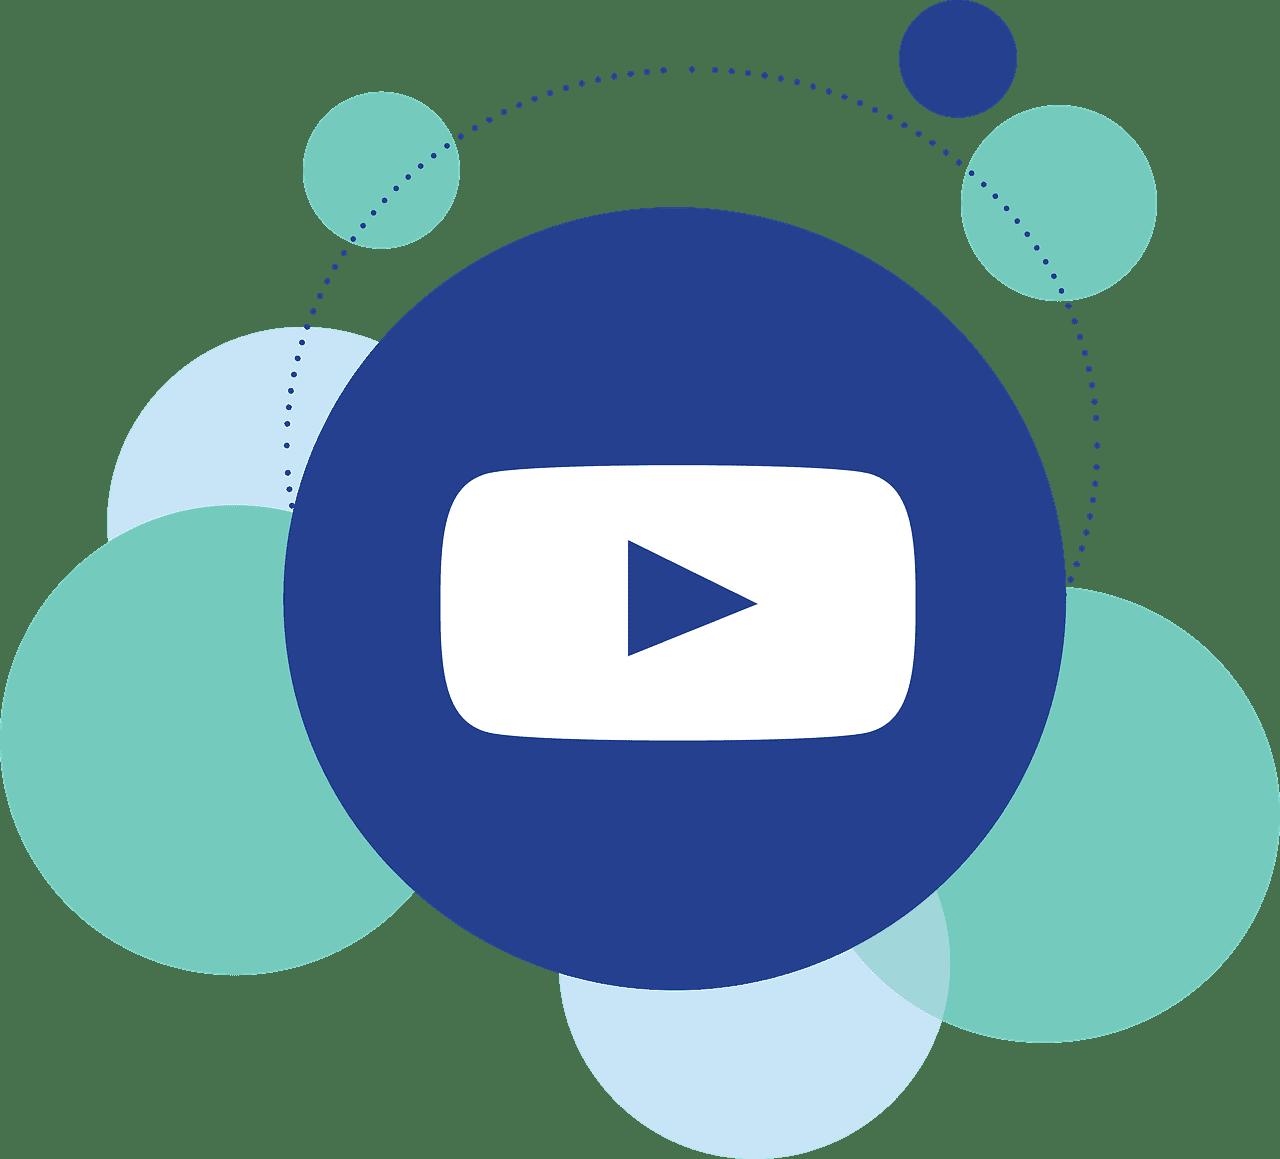 youtube, social media, videos